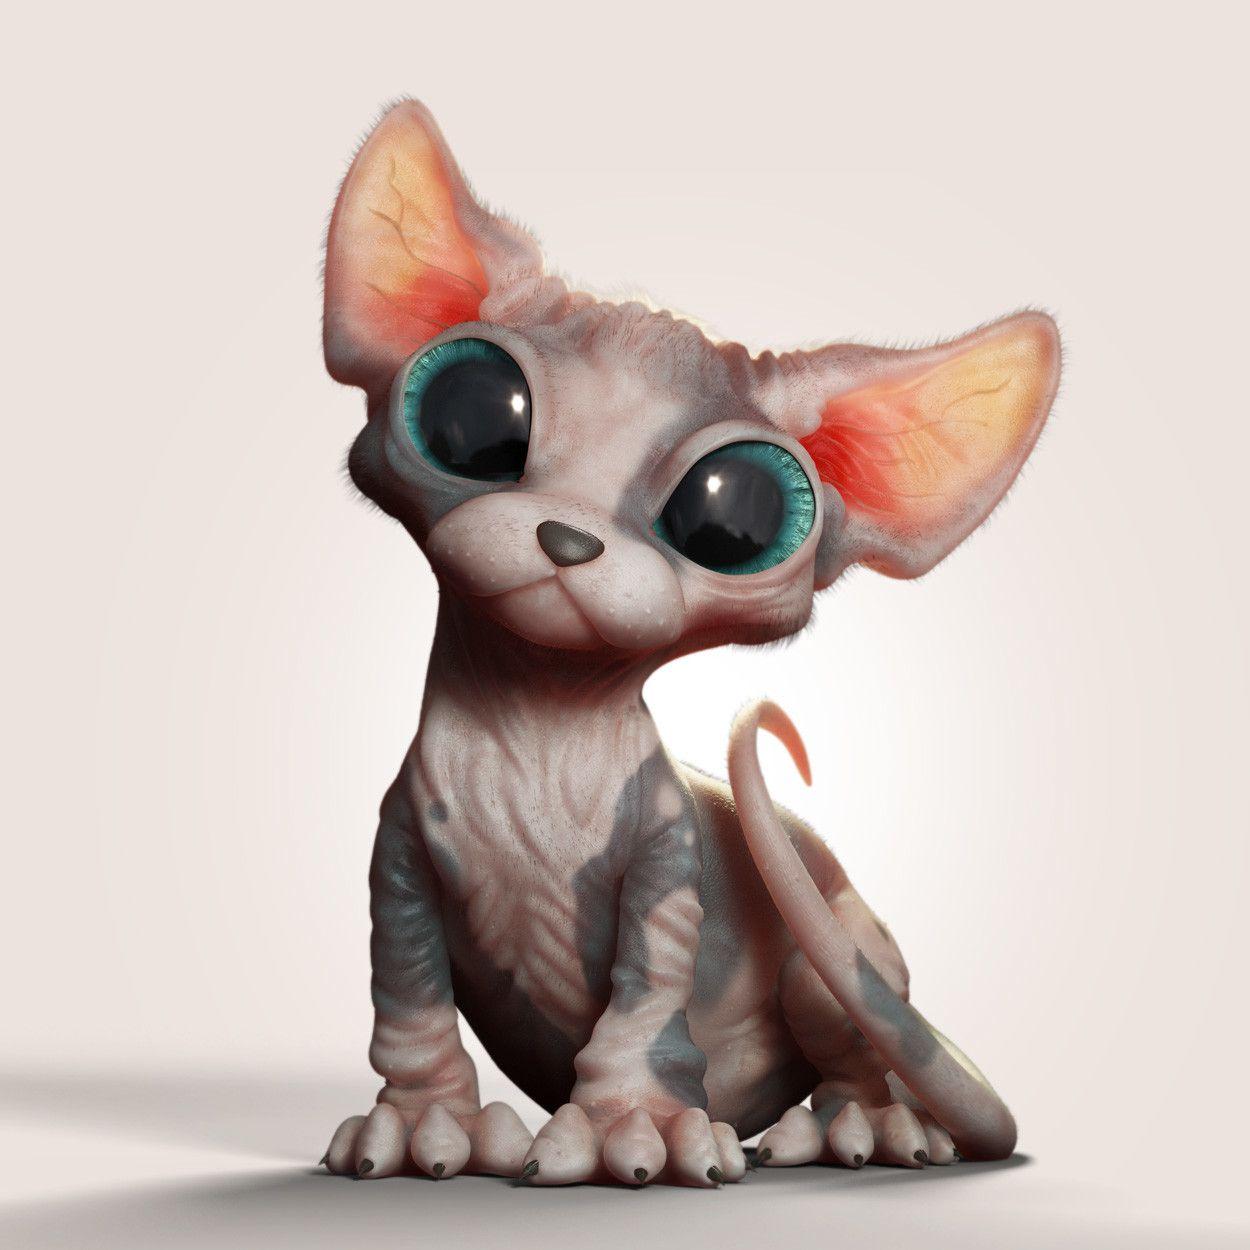 Sphynx Kitten Marcos Nicacio On Artstation At Https Www Artstation Com Artwork Xknko Cat Art Sphynx Cat Drawing